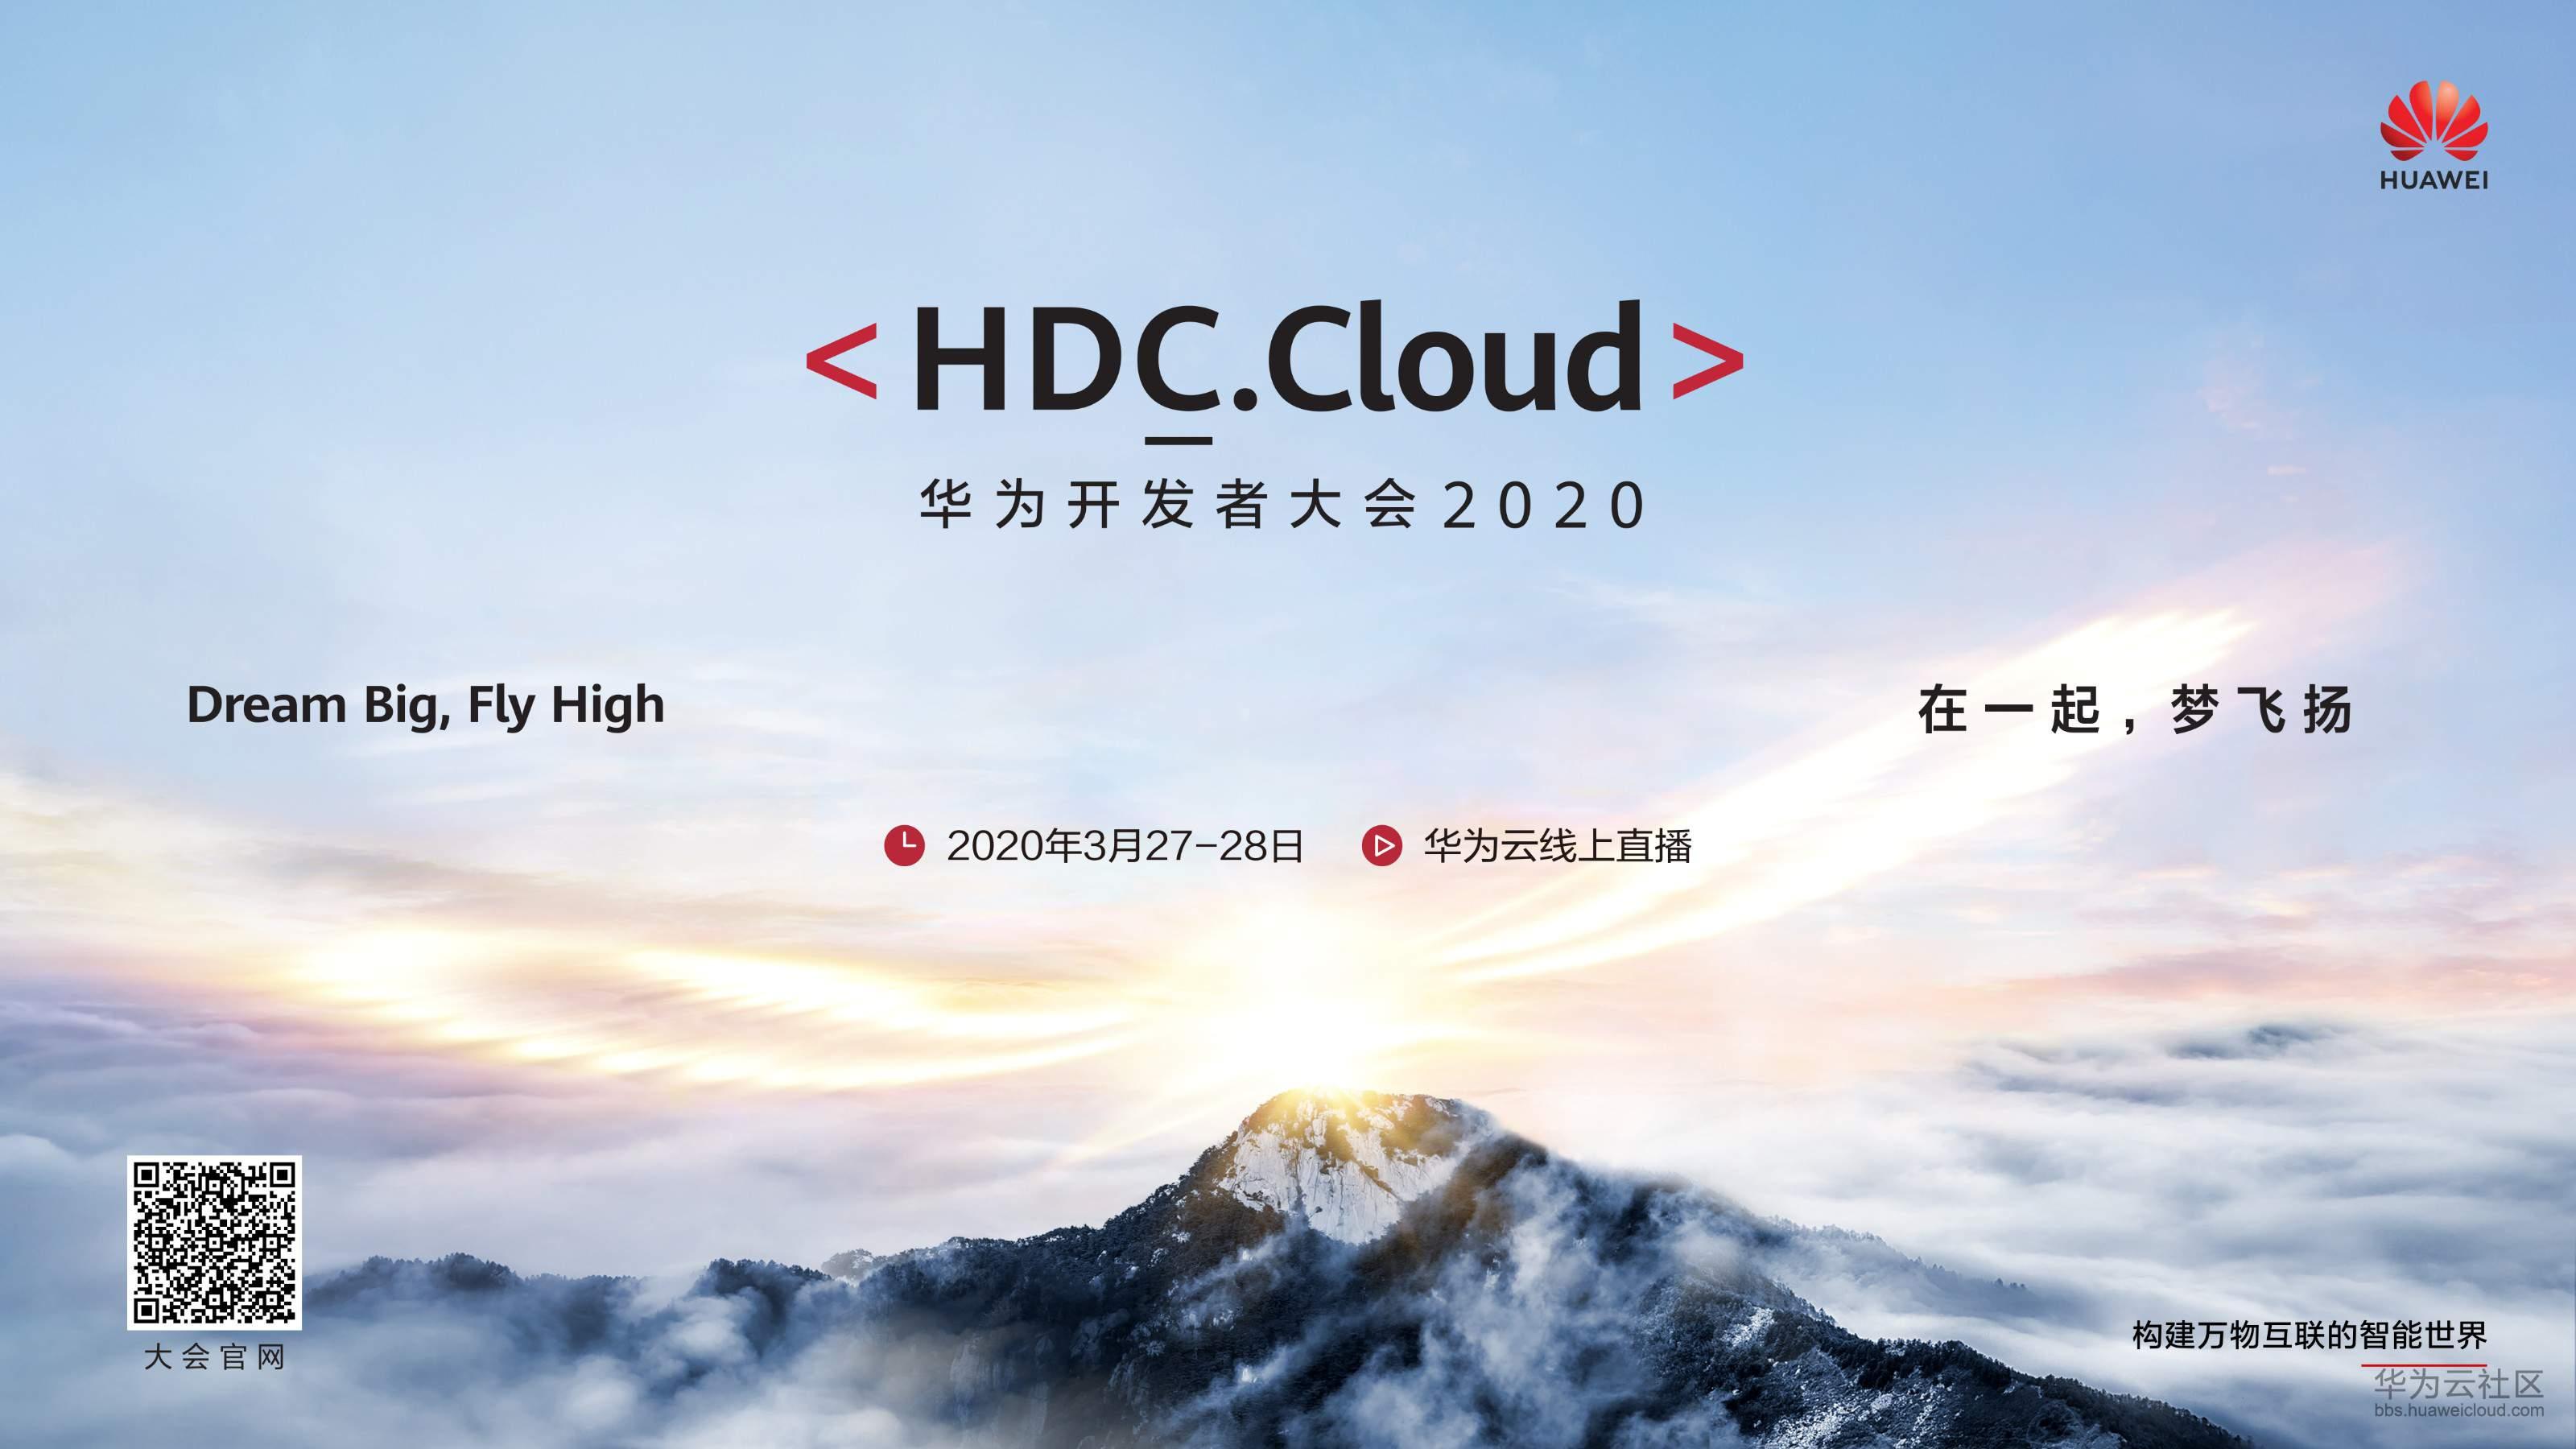 HDC_AD_cn_hi.jpg